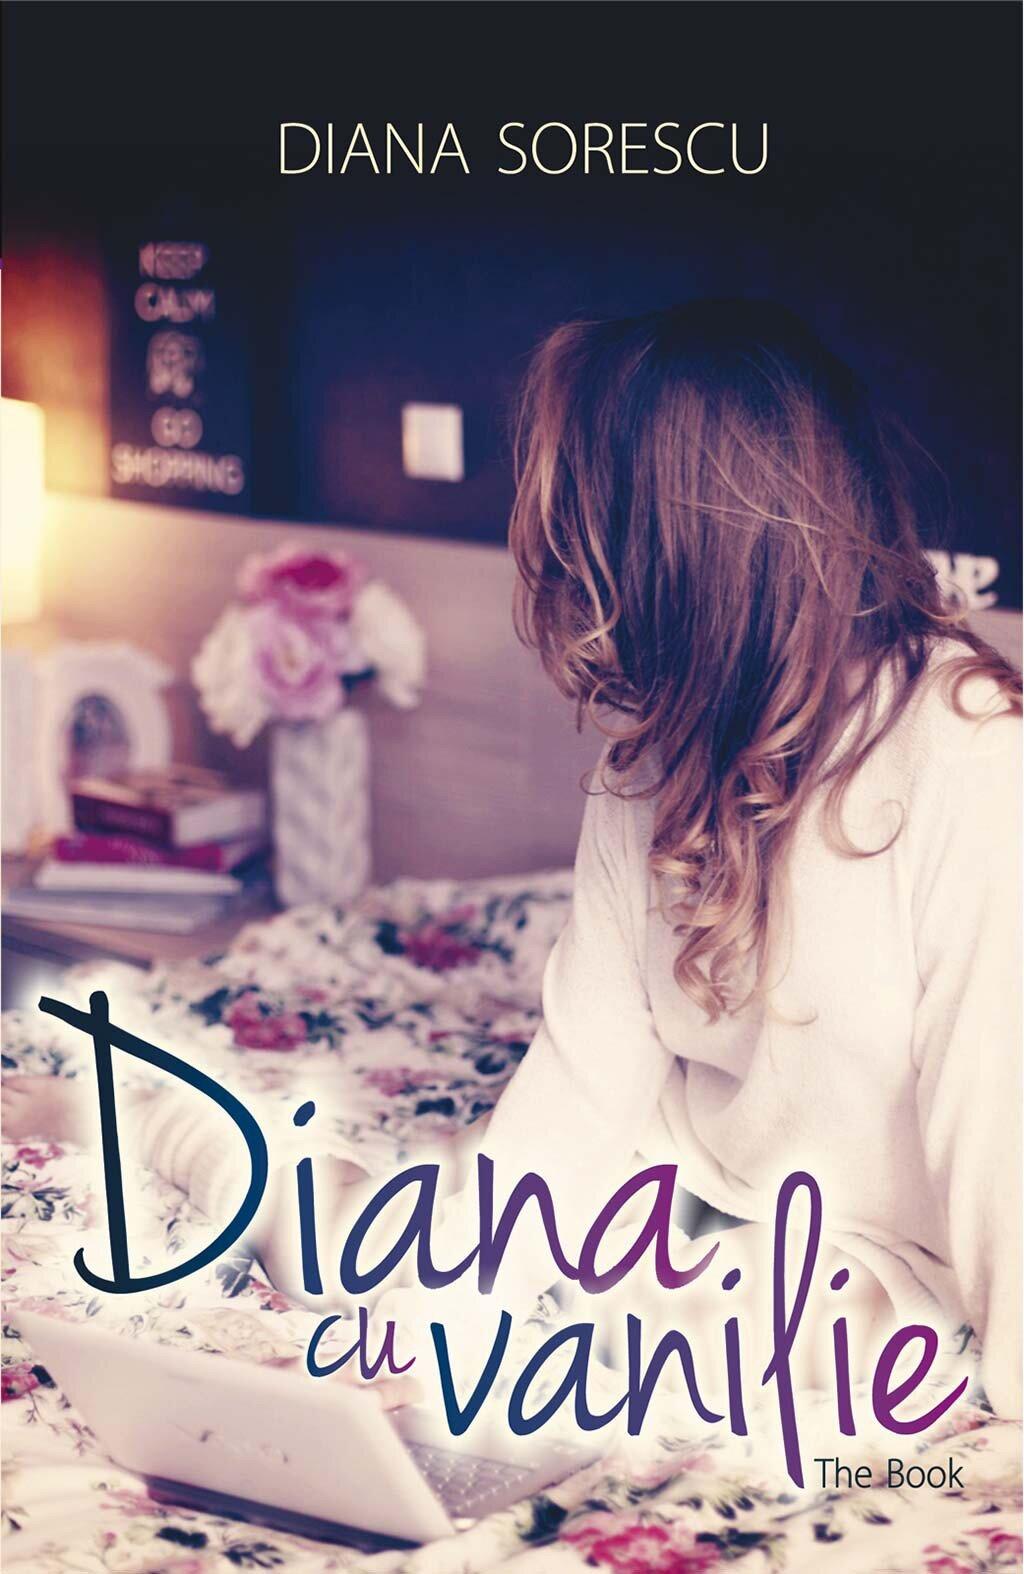 Diana cu vanilie. The Book (eBook)